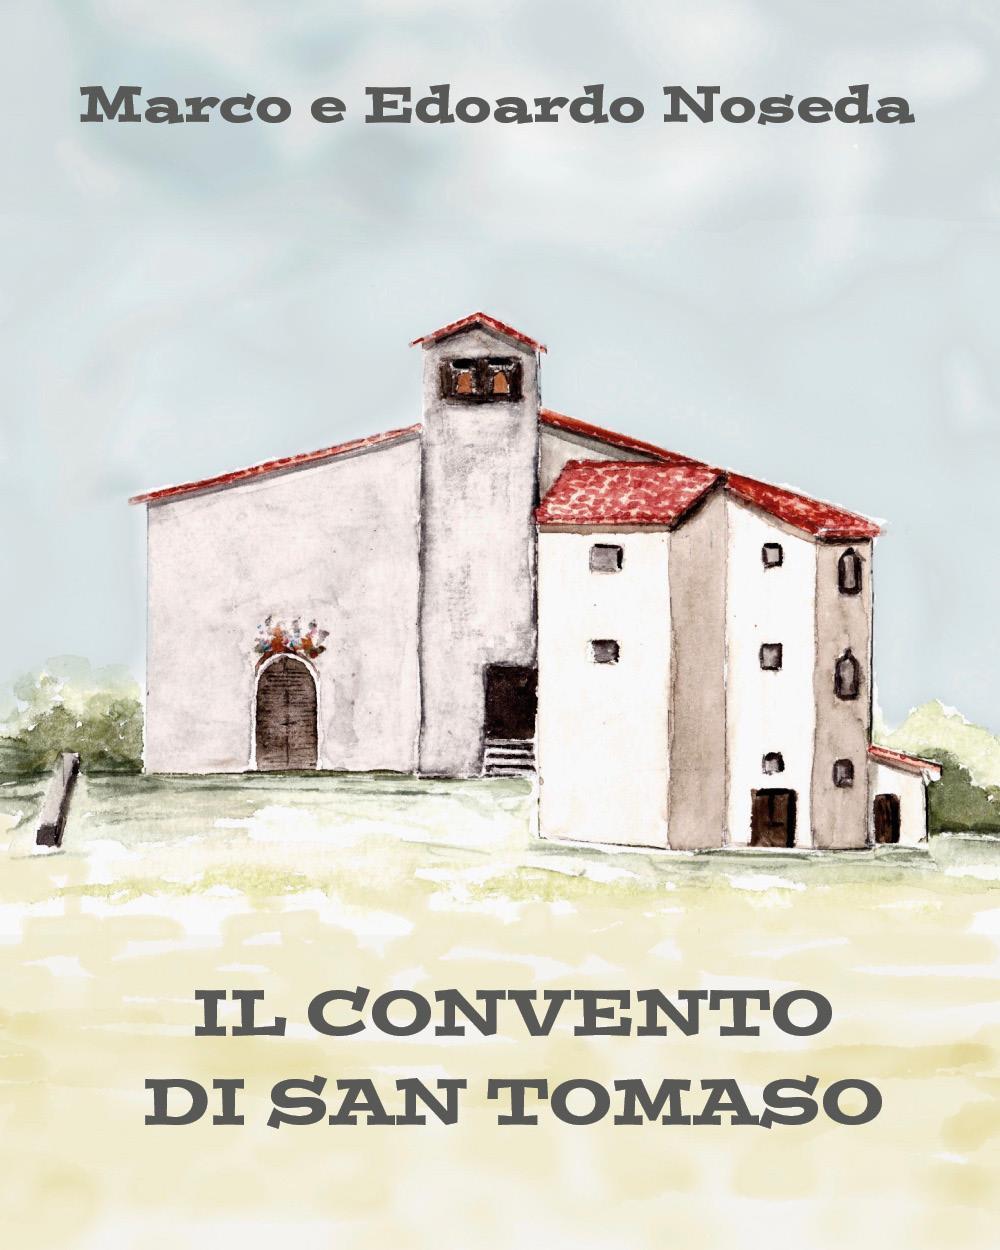 Il convento di San Tomaso